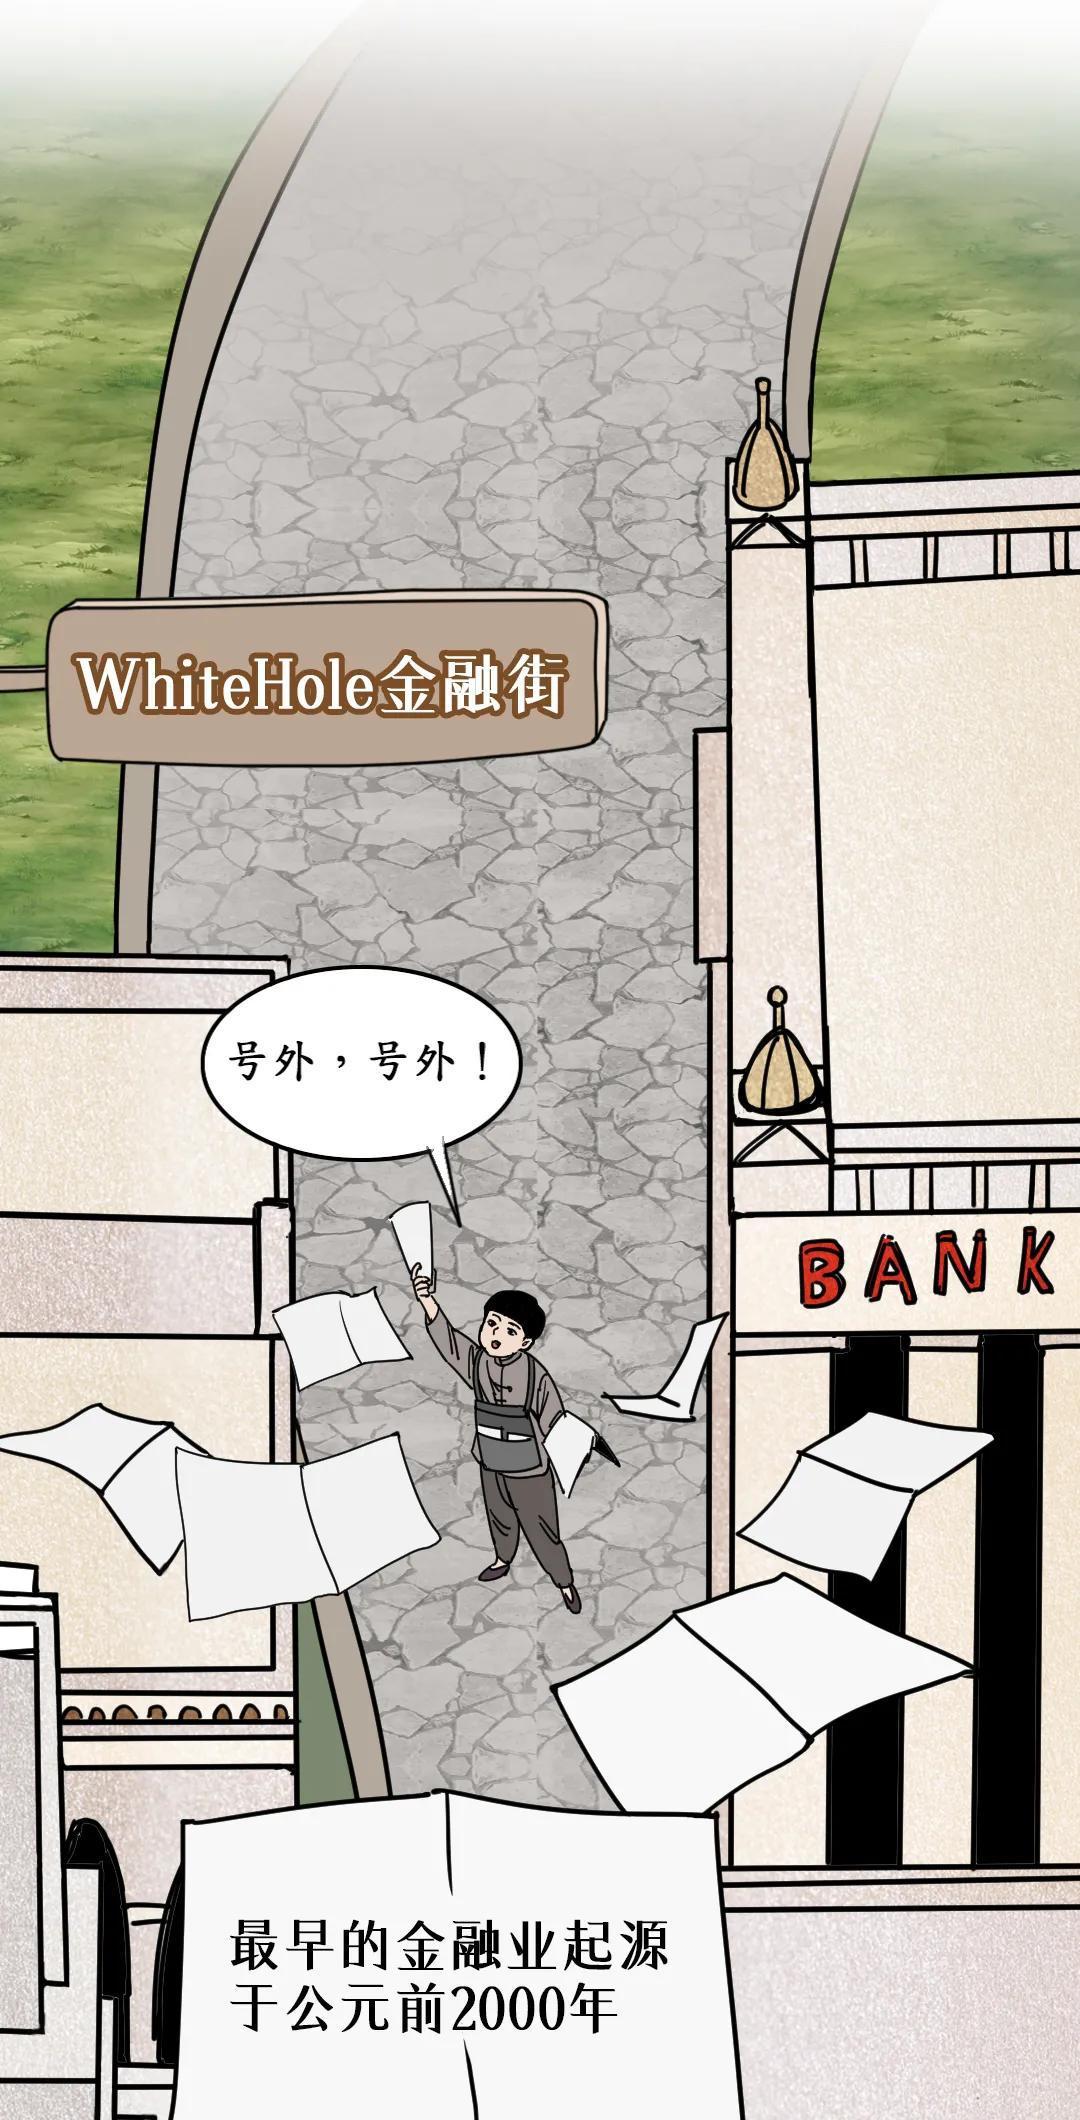 從金融街往事到全場景智慧金融未來